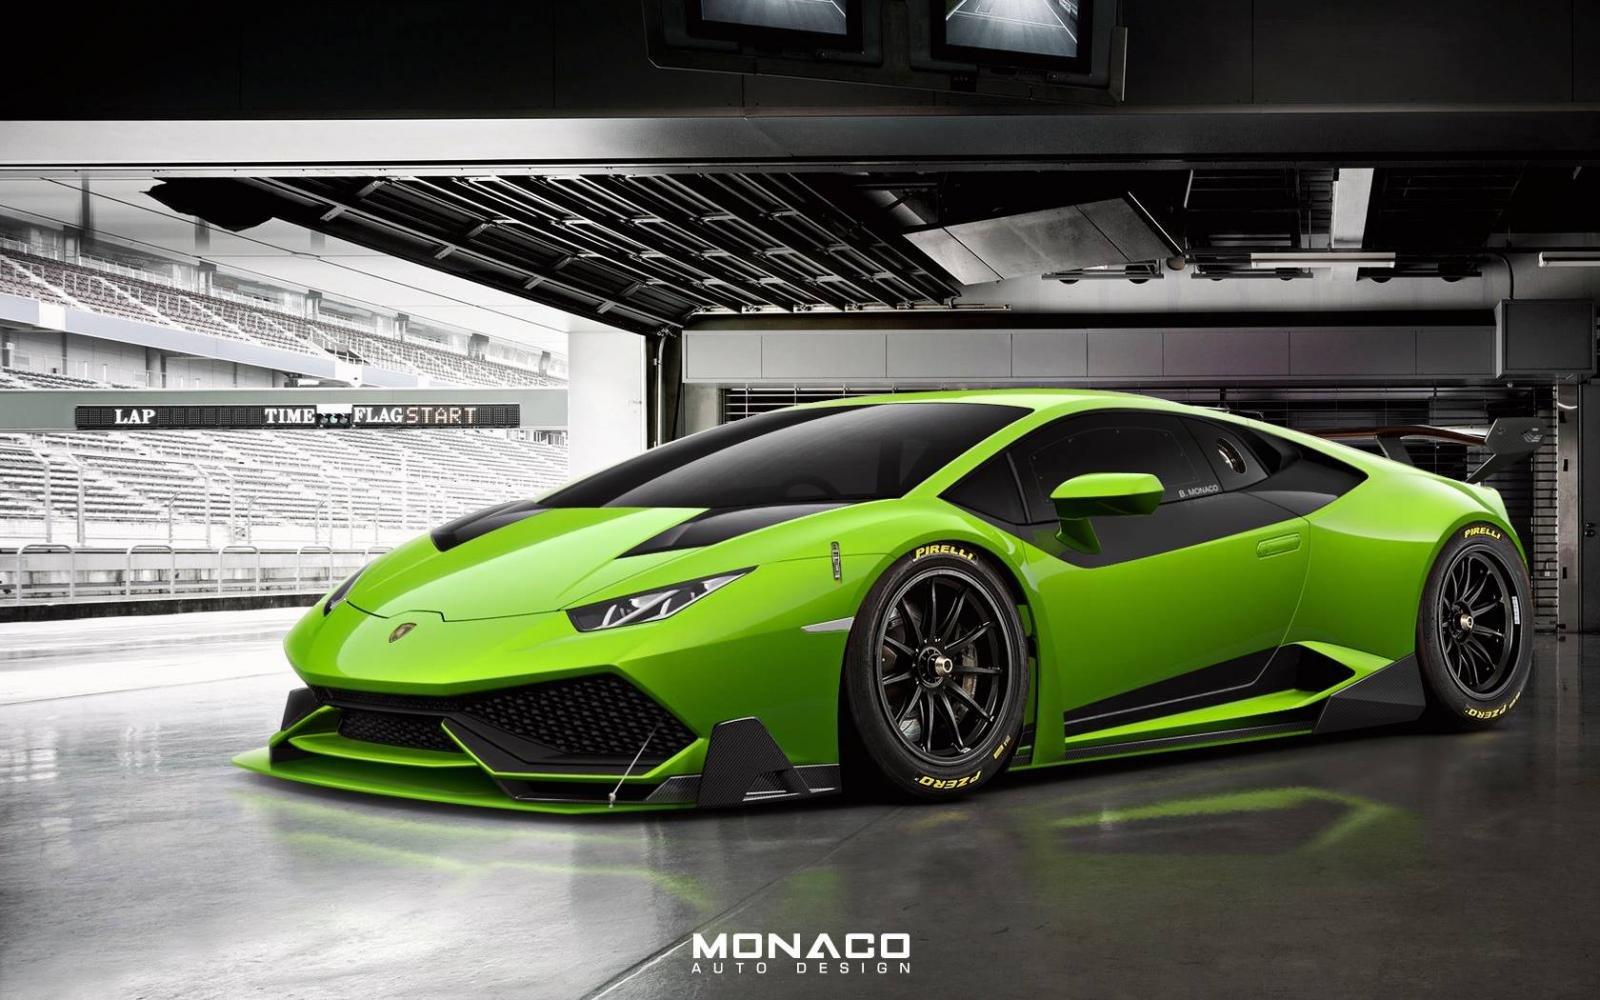 Lamborghini Huracan Super Trofeo concept wallpaper 1600x1000